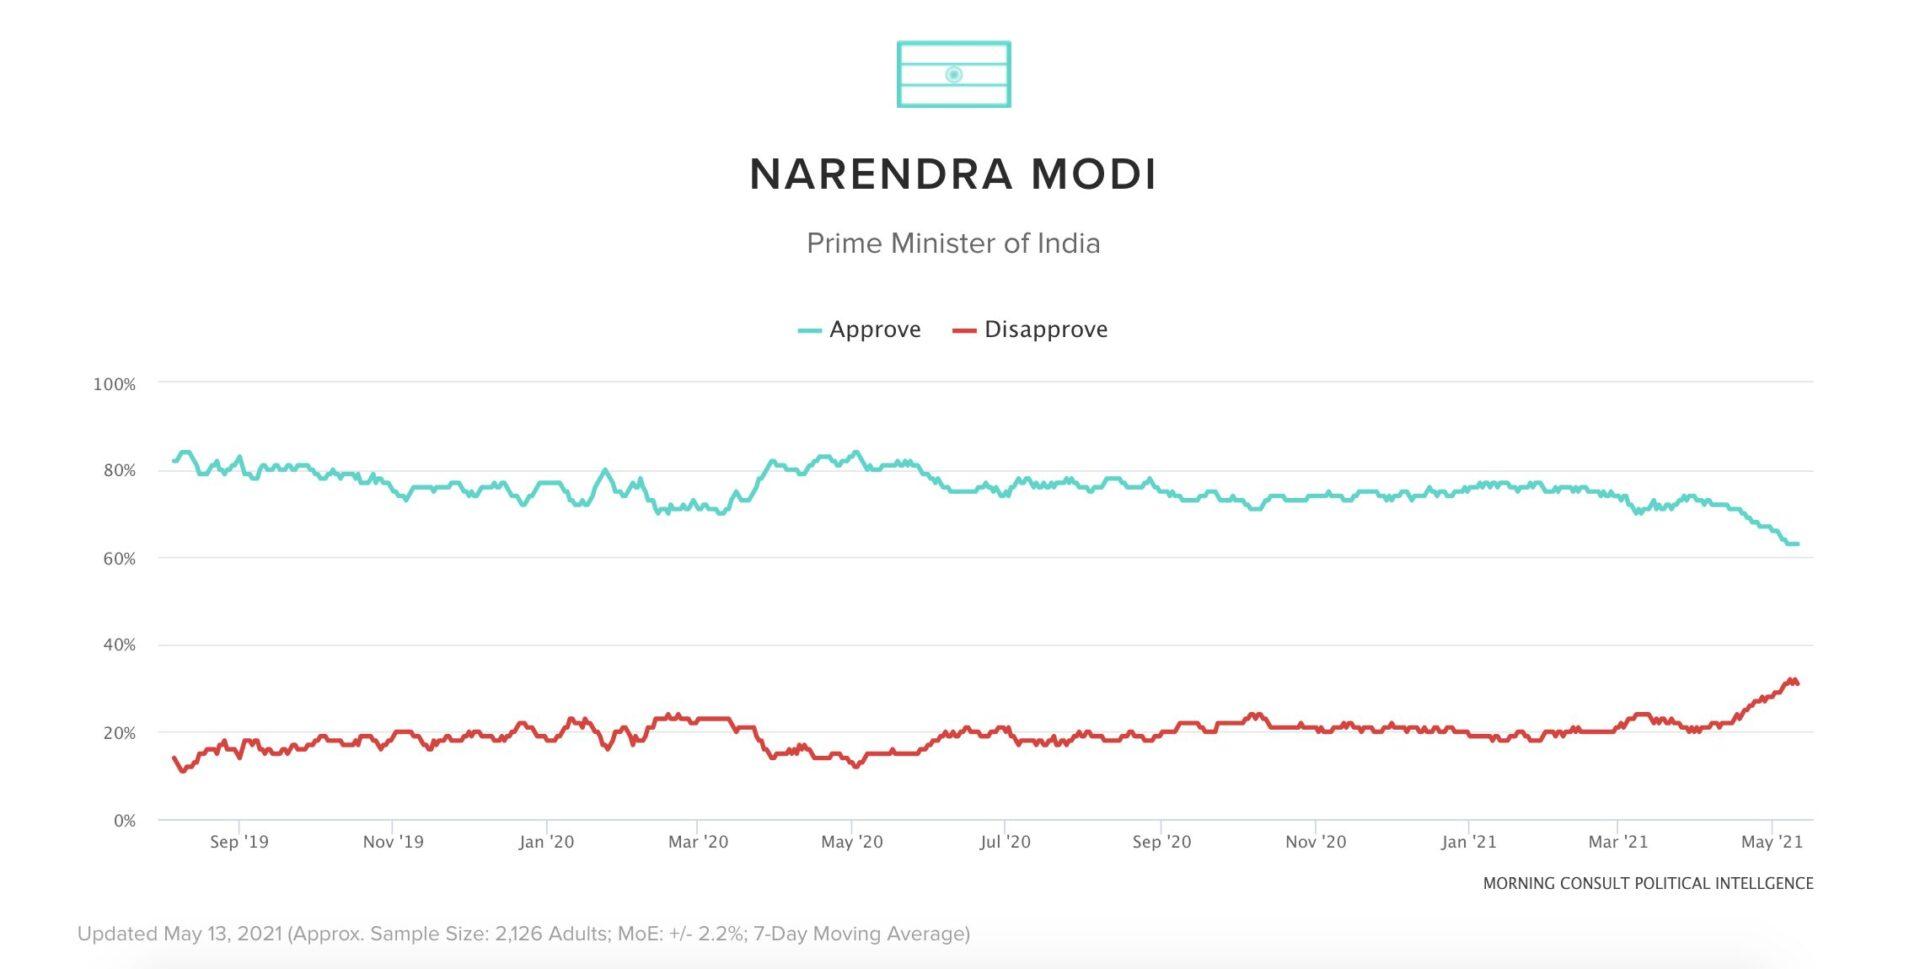 印度疫情失控,總理莫迪支持率明顯下滑